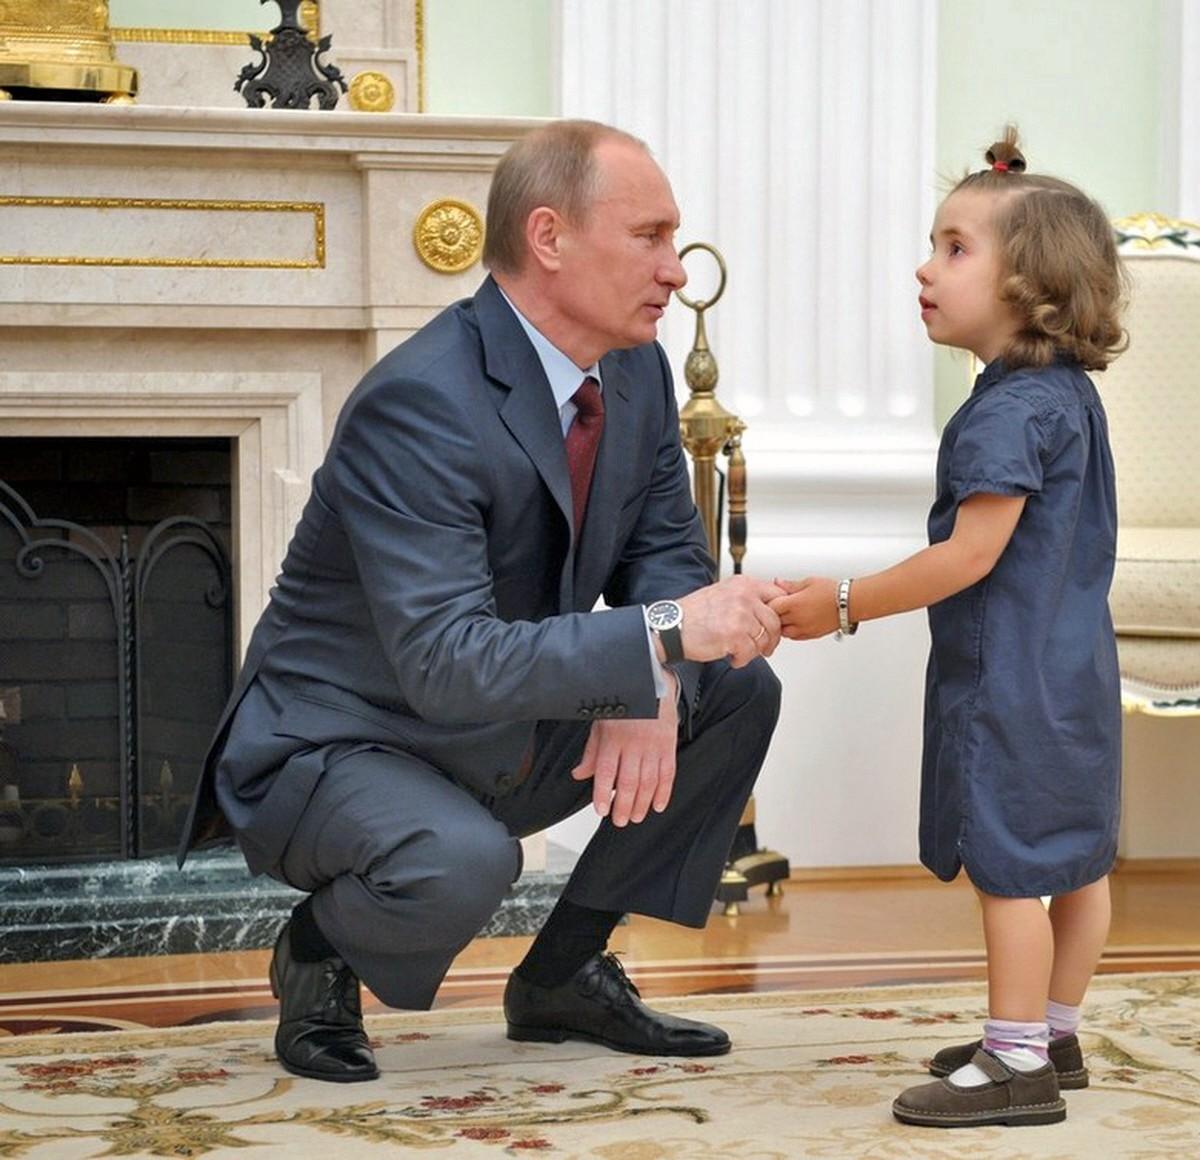 00 Putin with child. 07.10.12